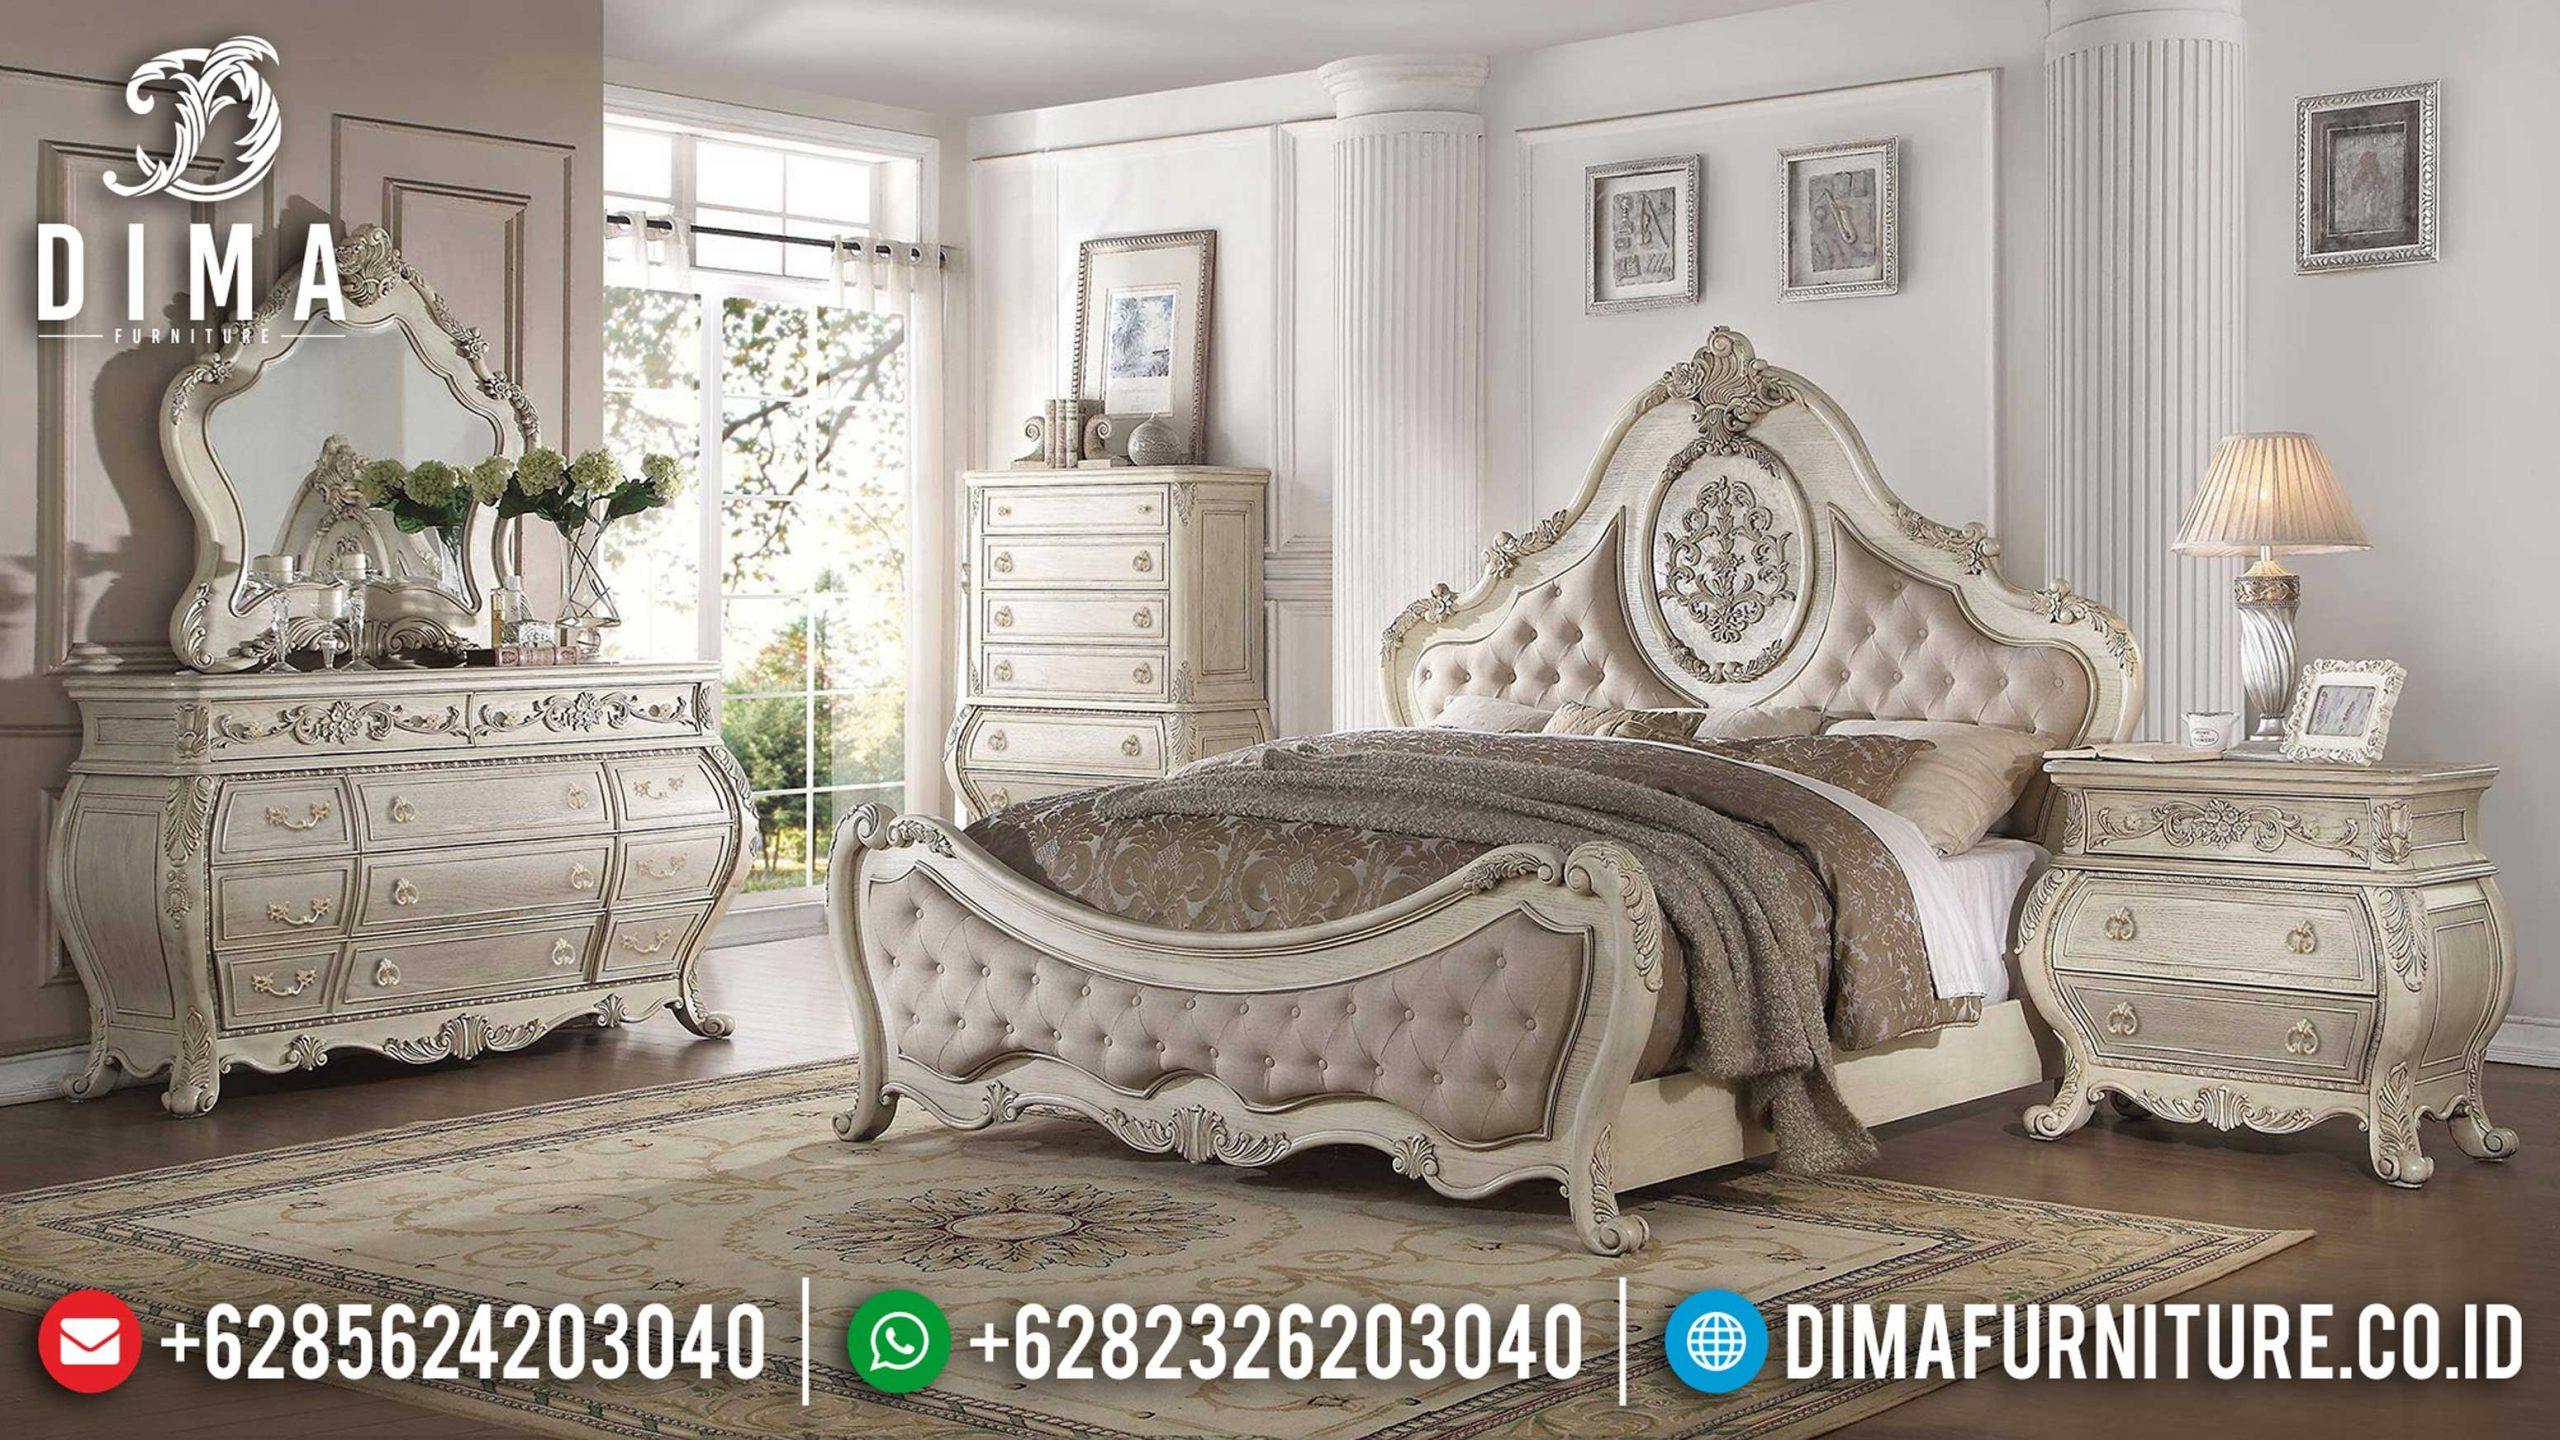 Gorgeous Tempat Tidur Mewah Ukiran Luxurious Royal Design Furniture TTJ-1105